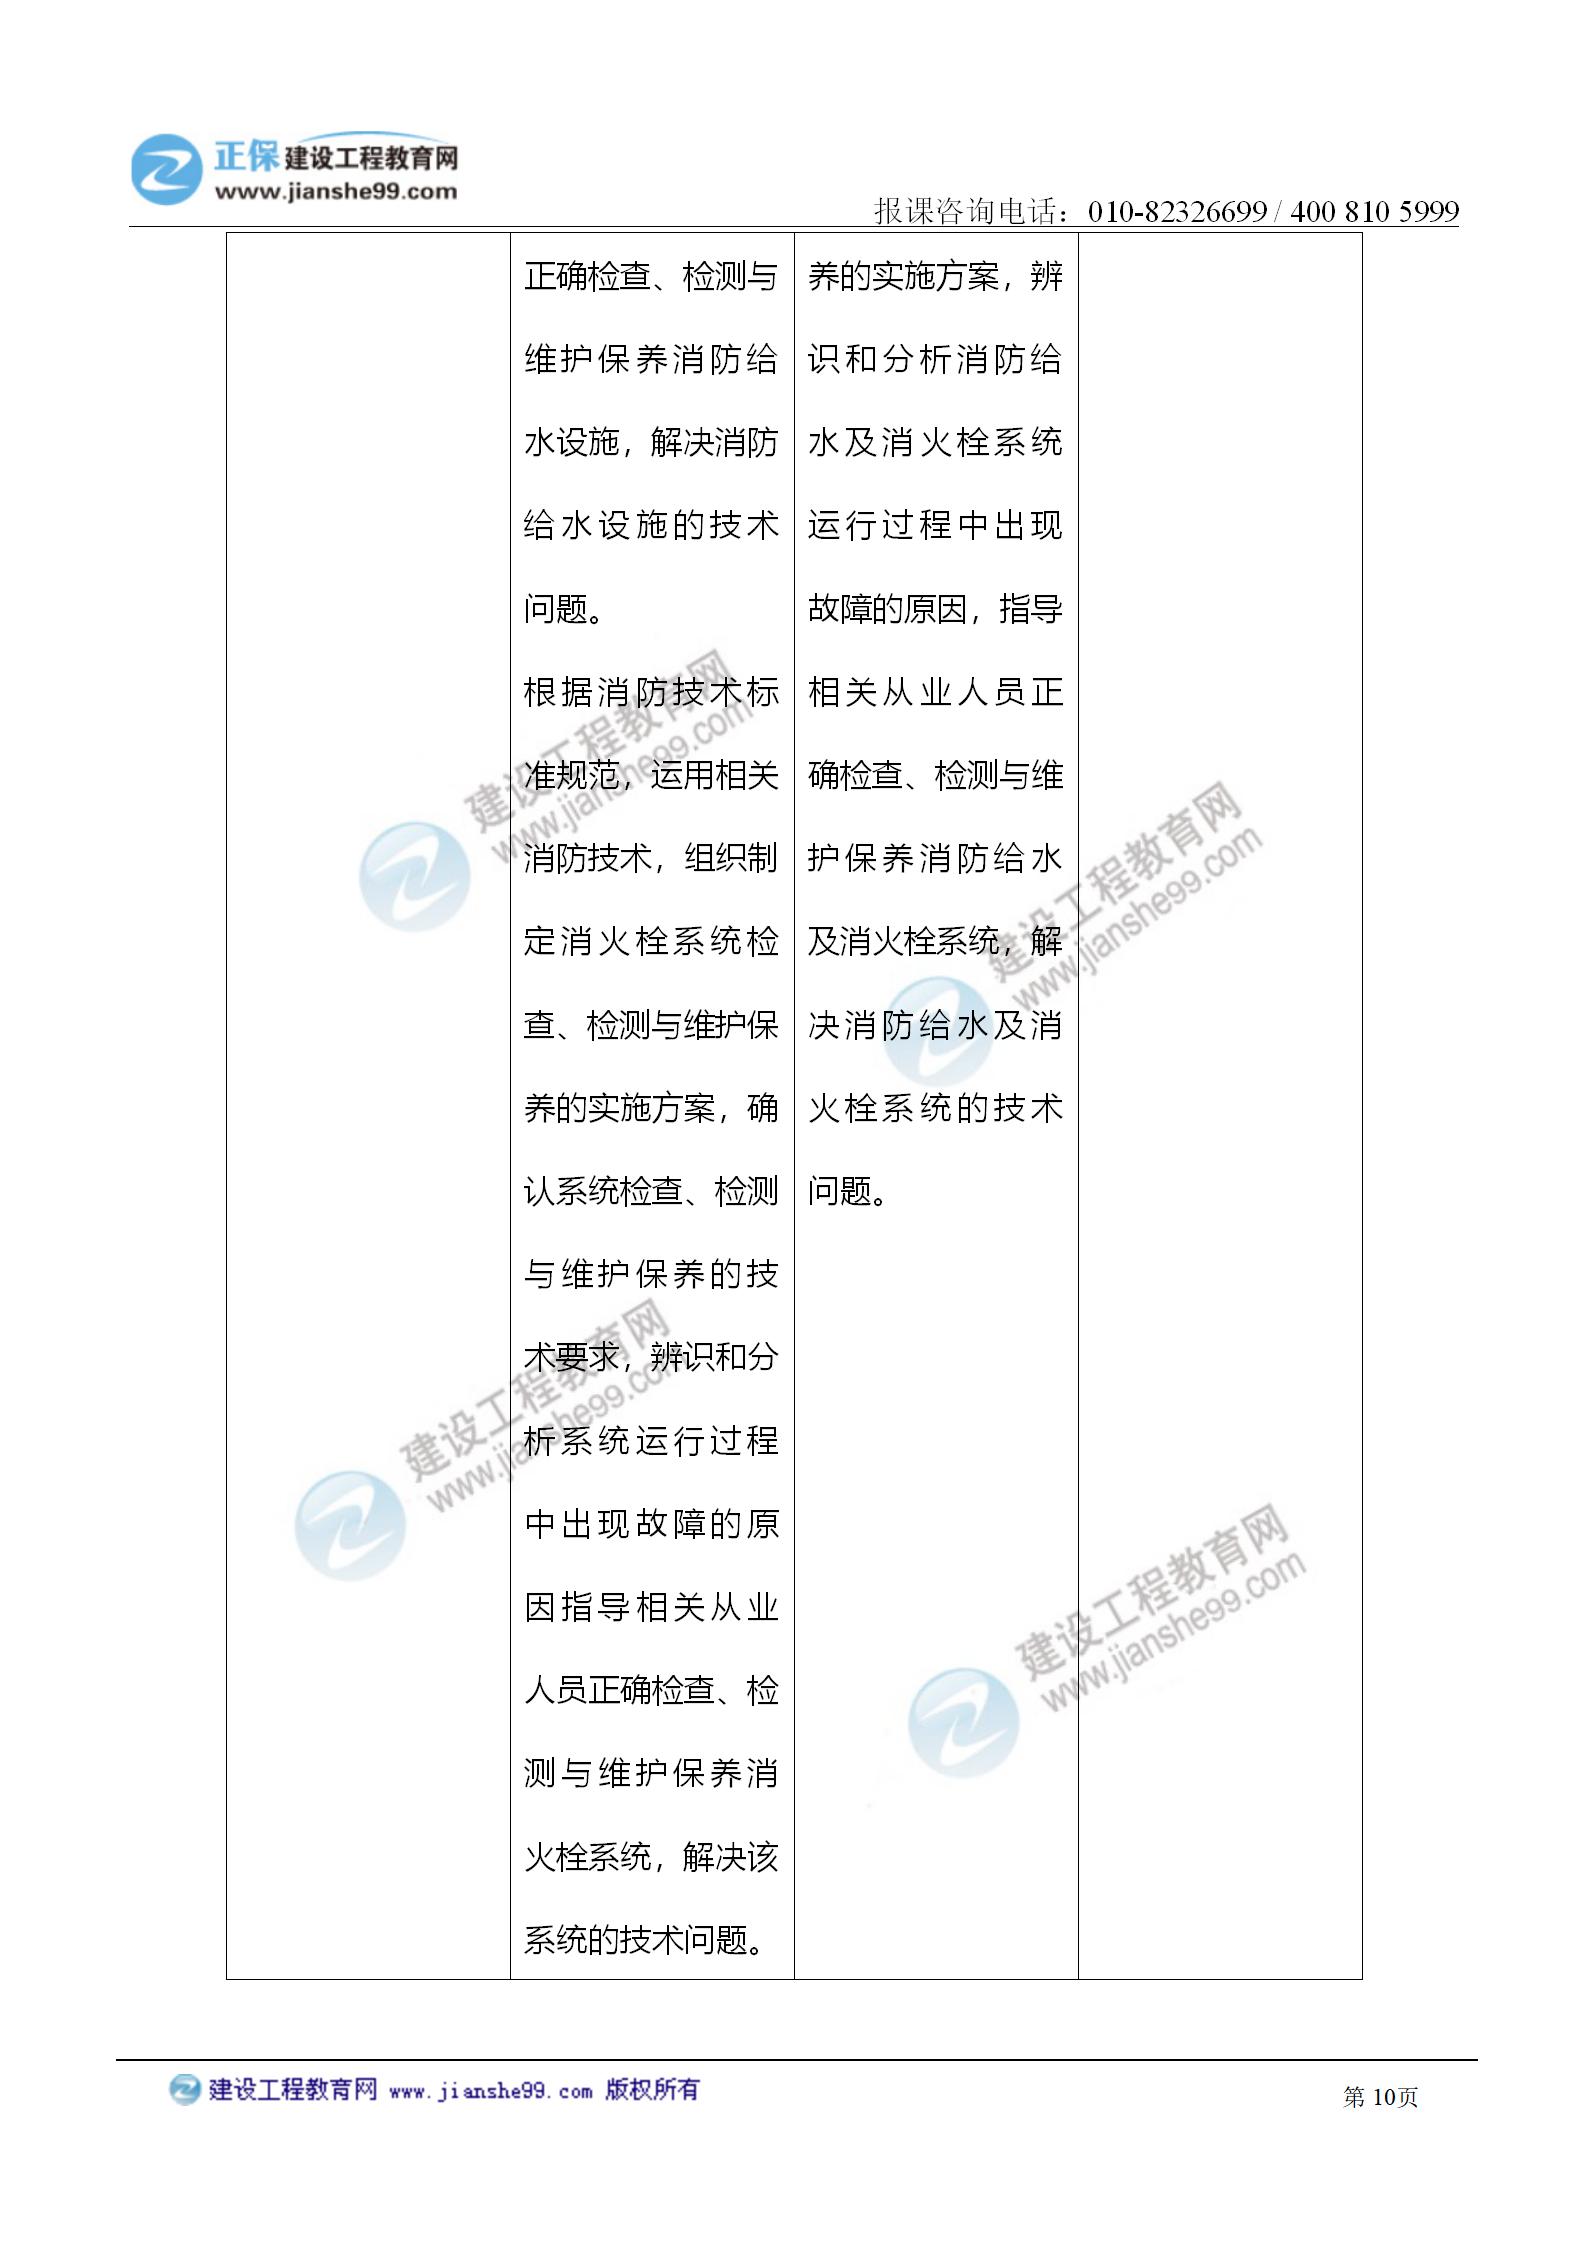 2021注册消防工程师《综合能力》考试大纲变化情况_10